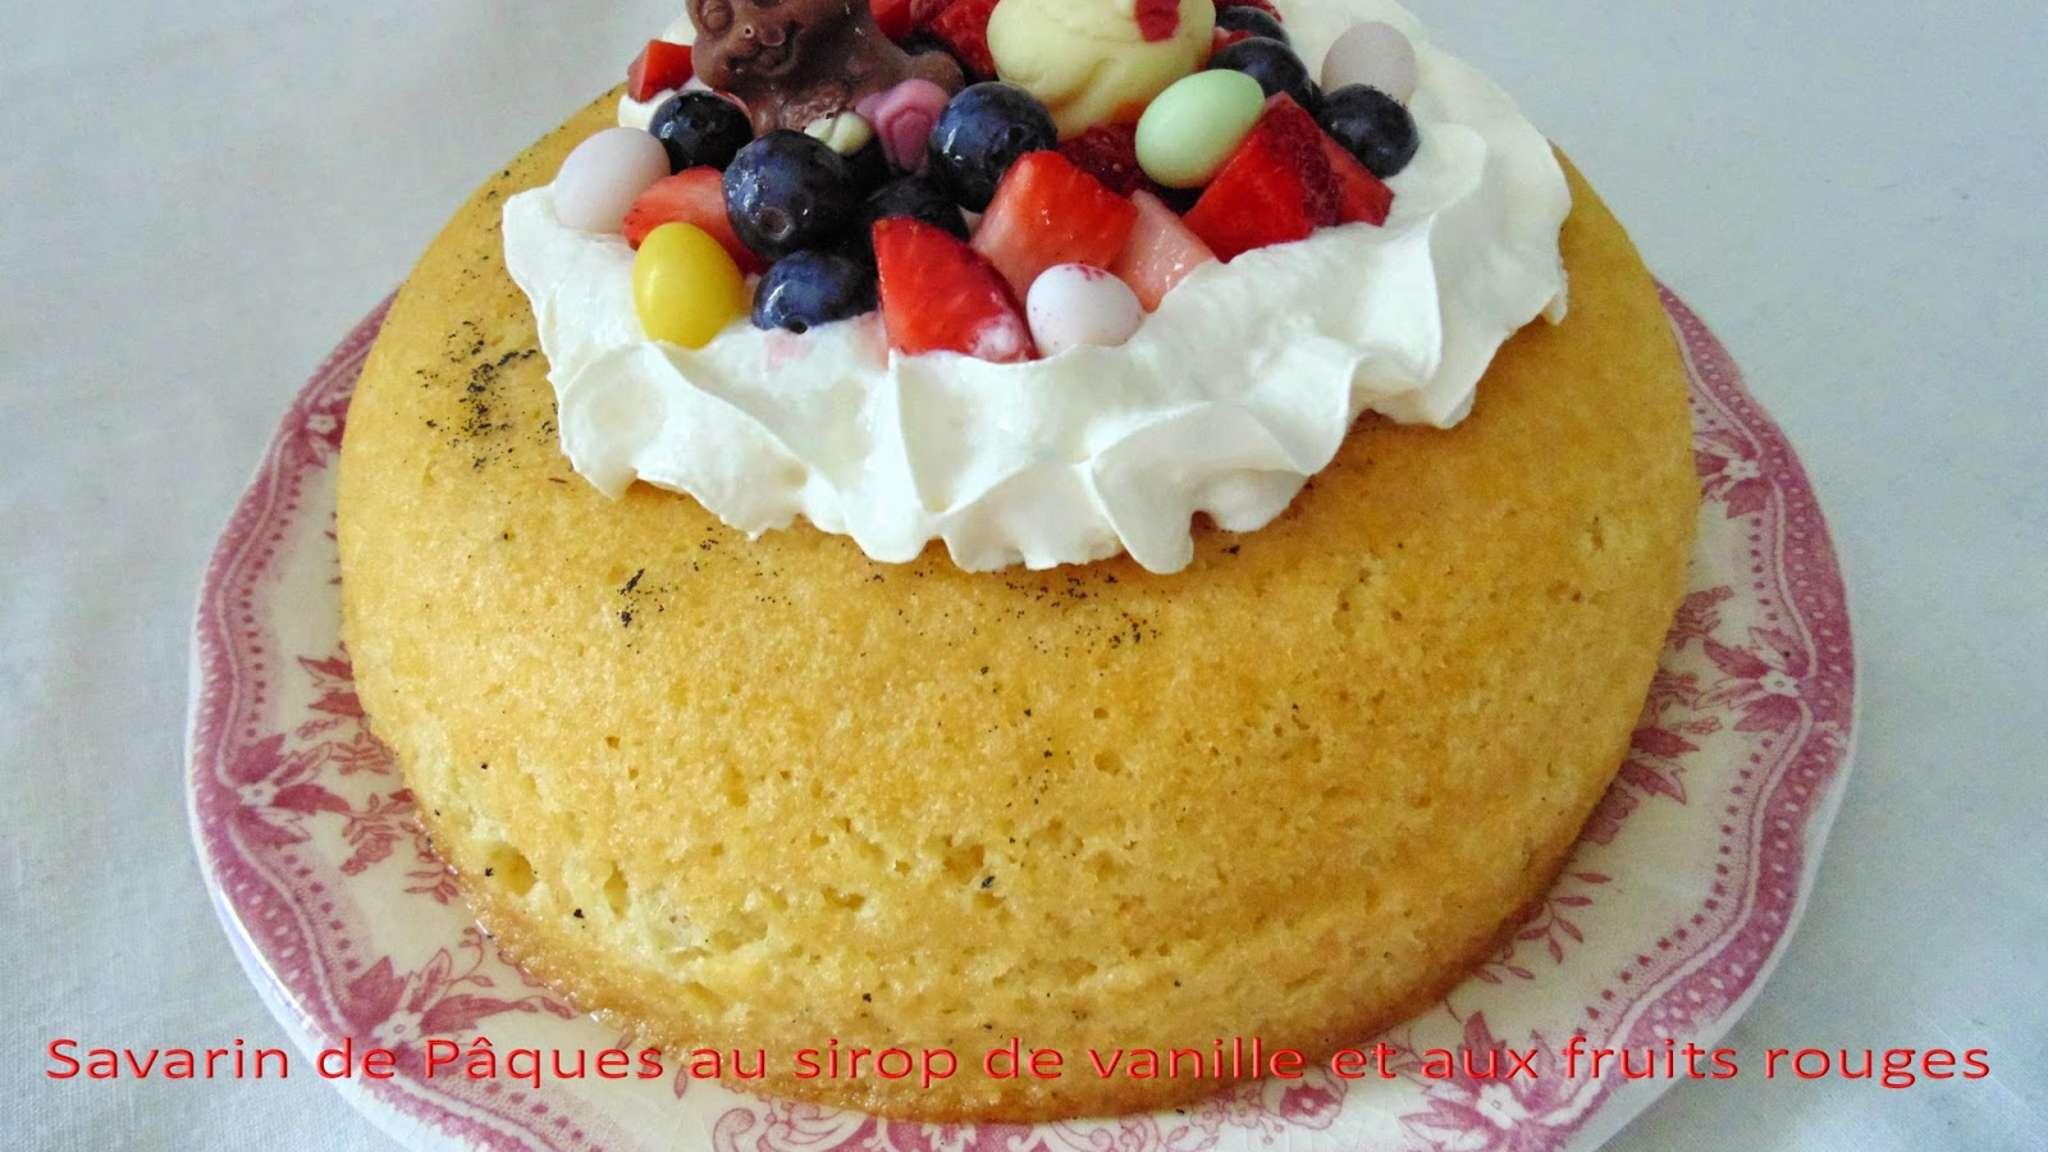 Savarin de Pâques au sirop de vanille et aux fruits rouges